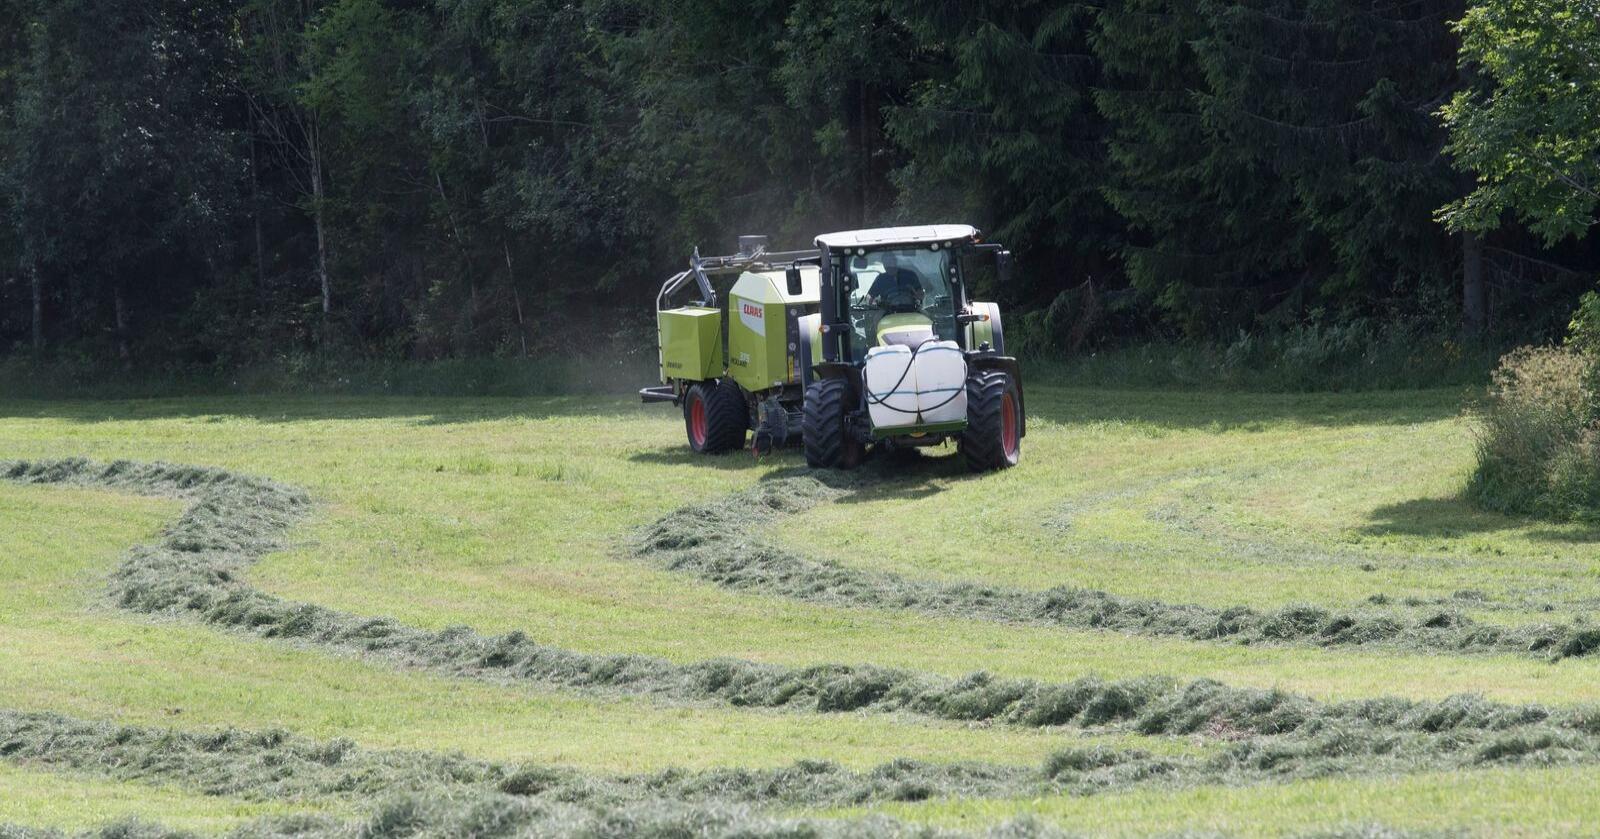 Det er mange produsenter som i mange år har benyttet seg av sesongarbeidere fra tredjeland, sier landbruksministeren. Illustrasjonsfoto: Terje Bendiksby / NTB scanpix